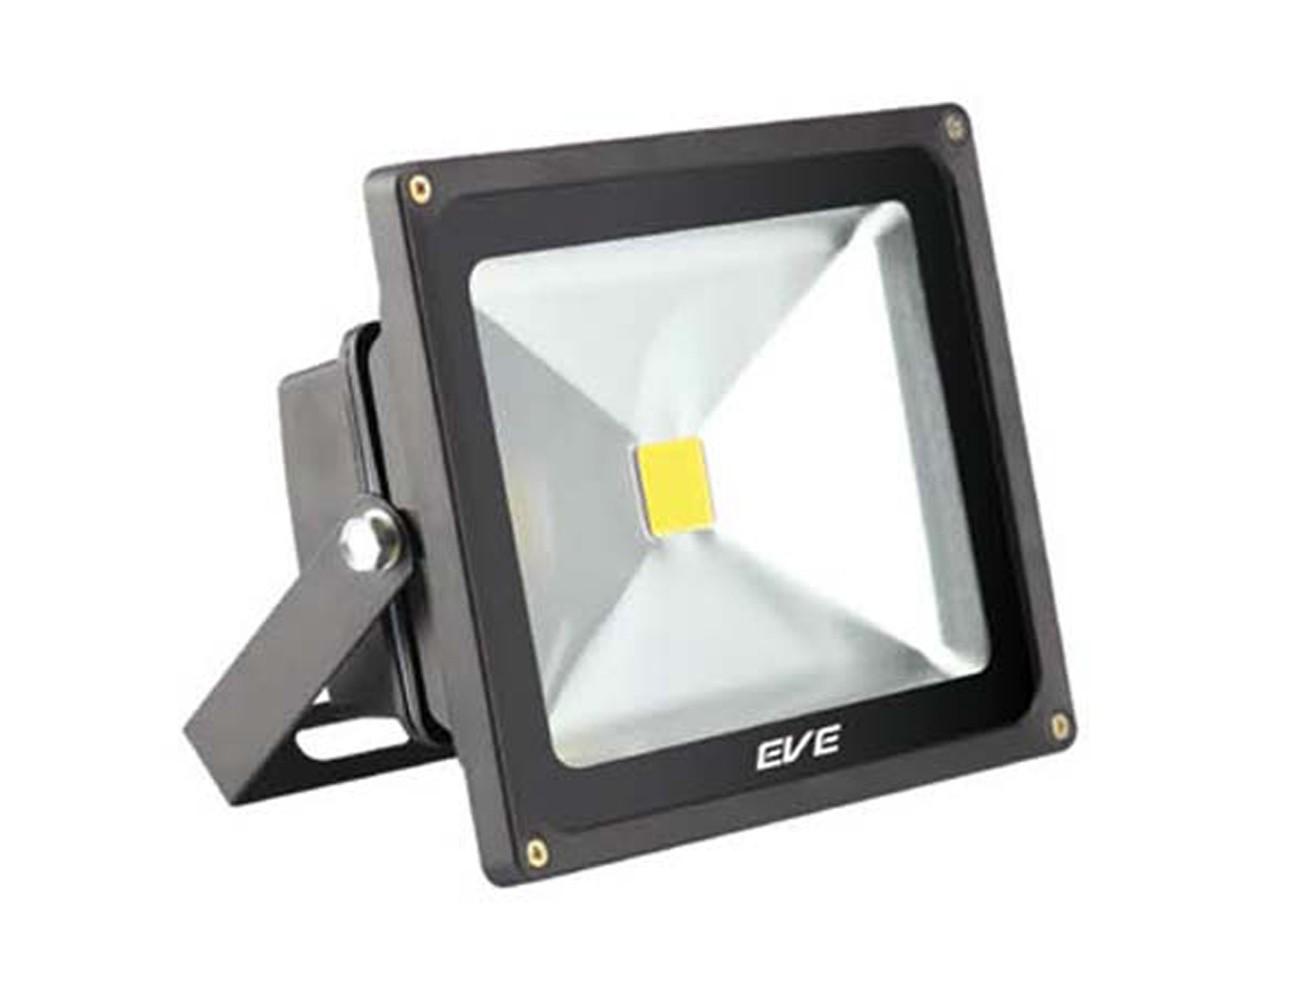 สปอร์ตไลท์ led eco bright 30w เดย์ไลท์ eve